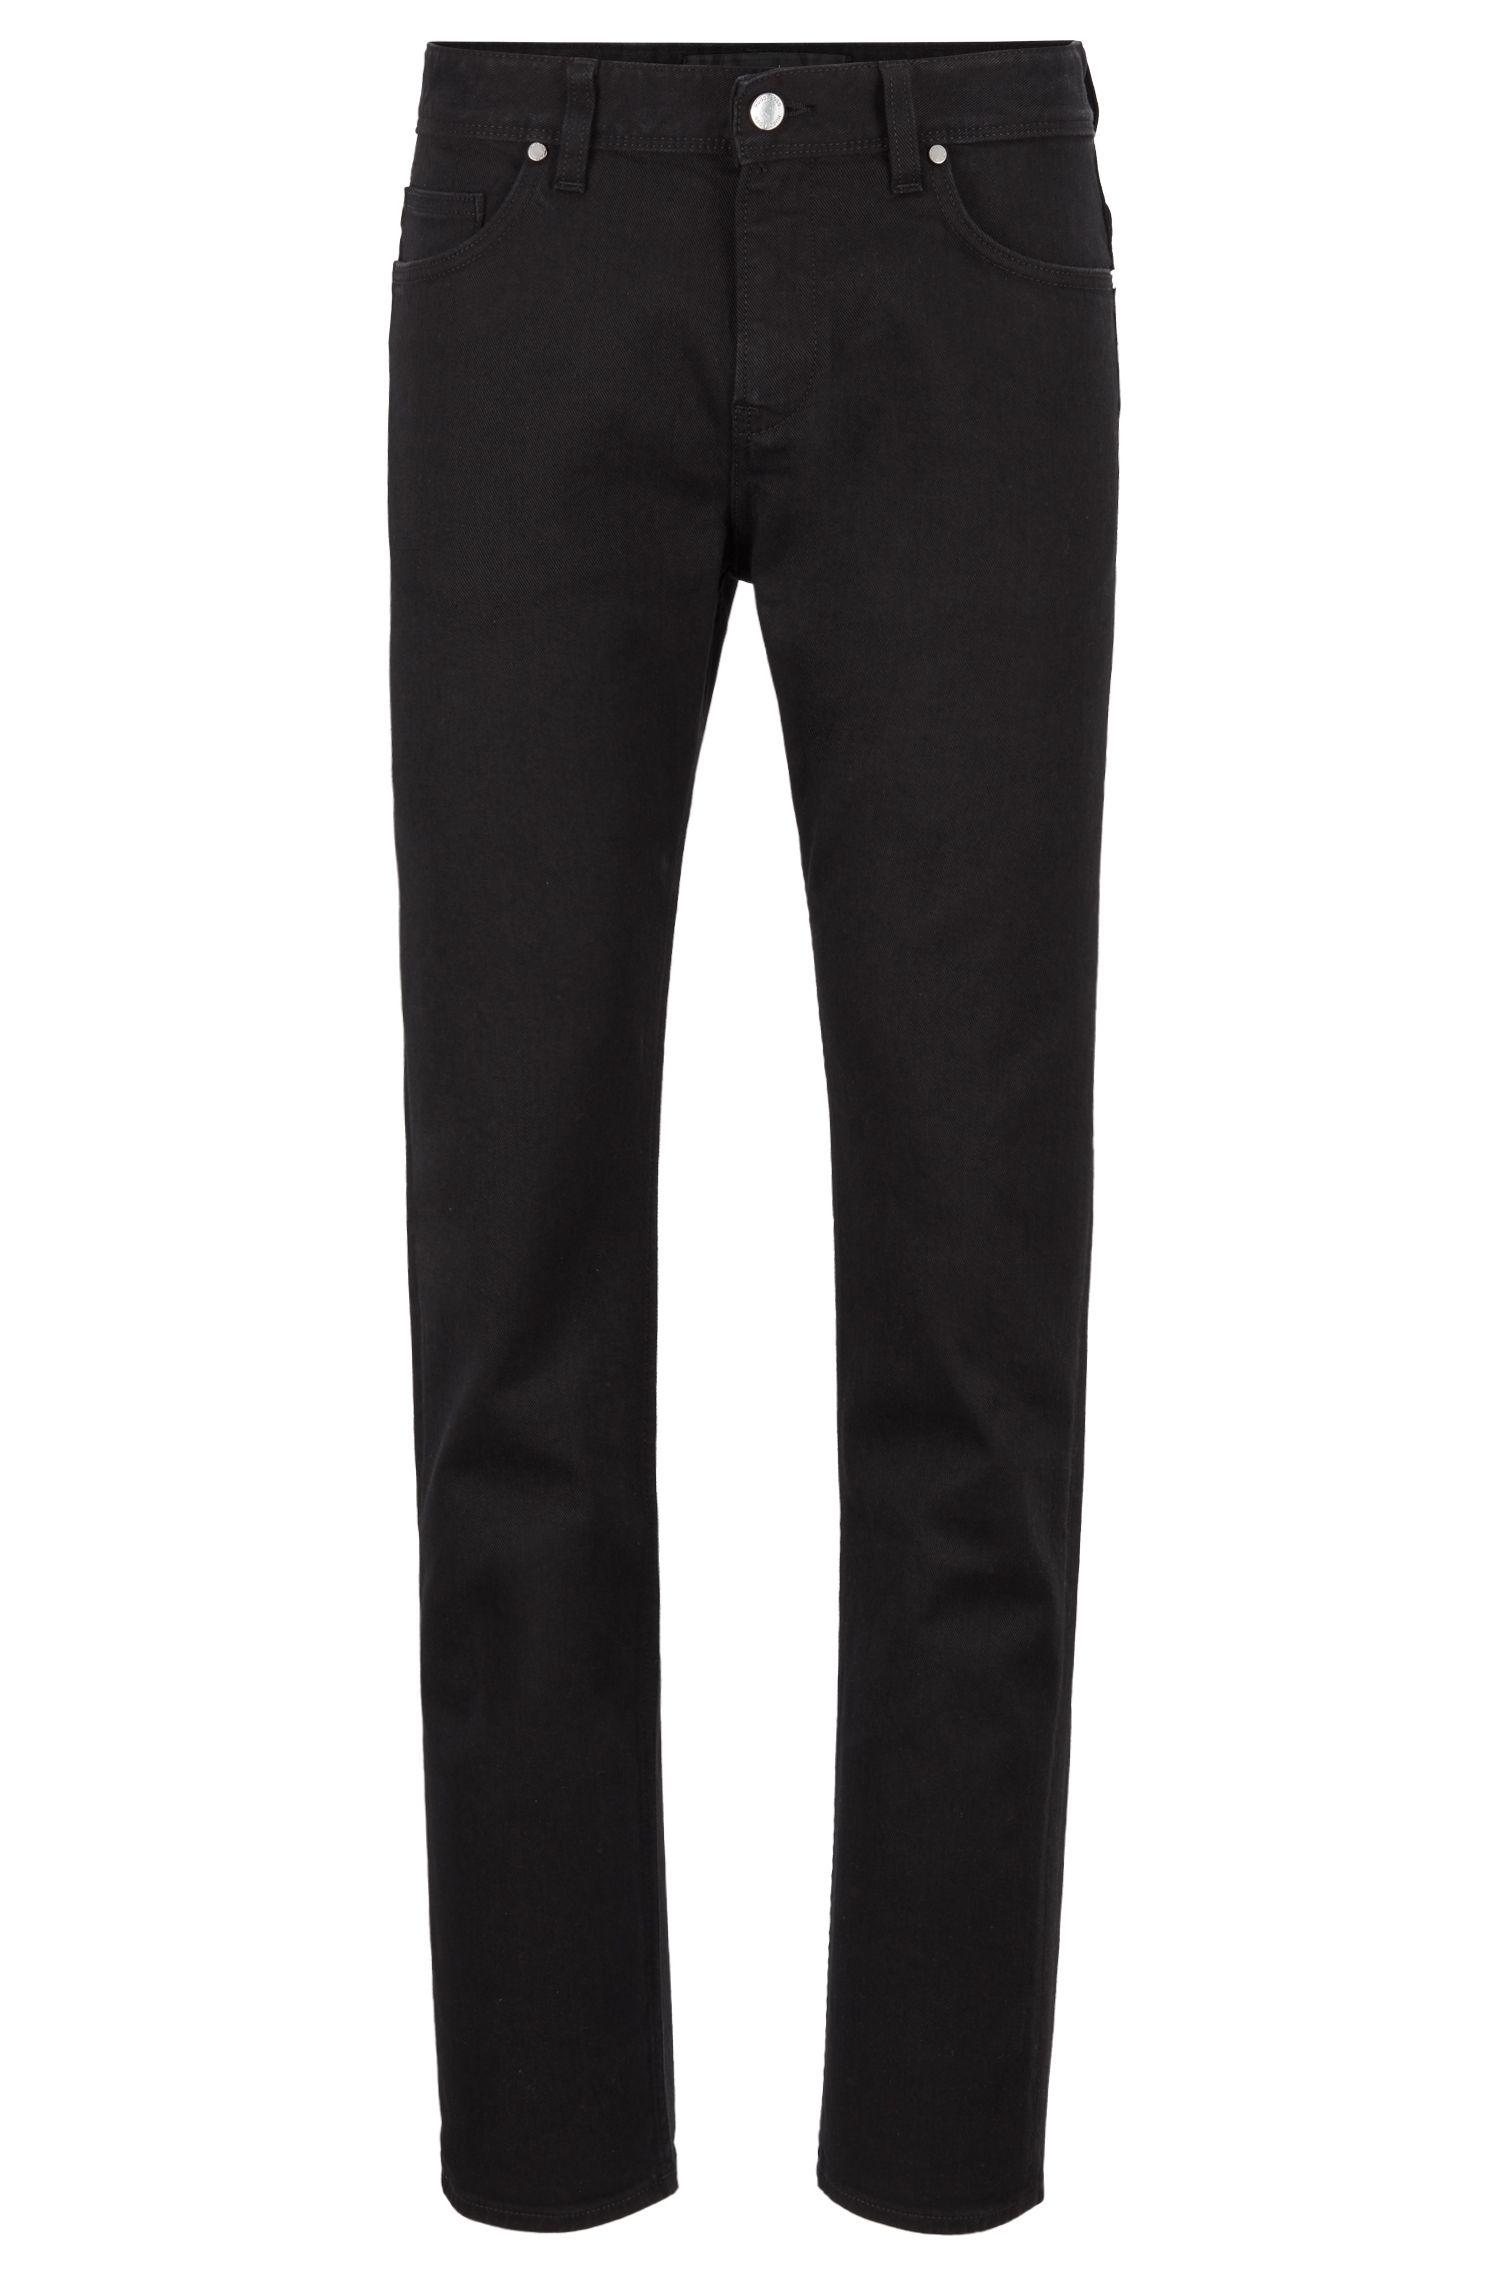 Slim-fit jeans in BCI-cotton stretch denim, Black